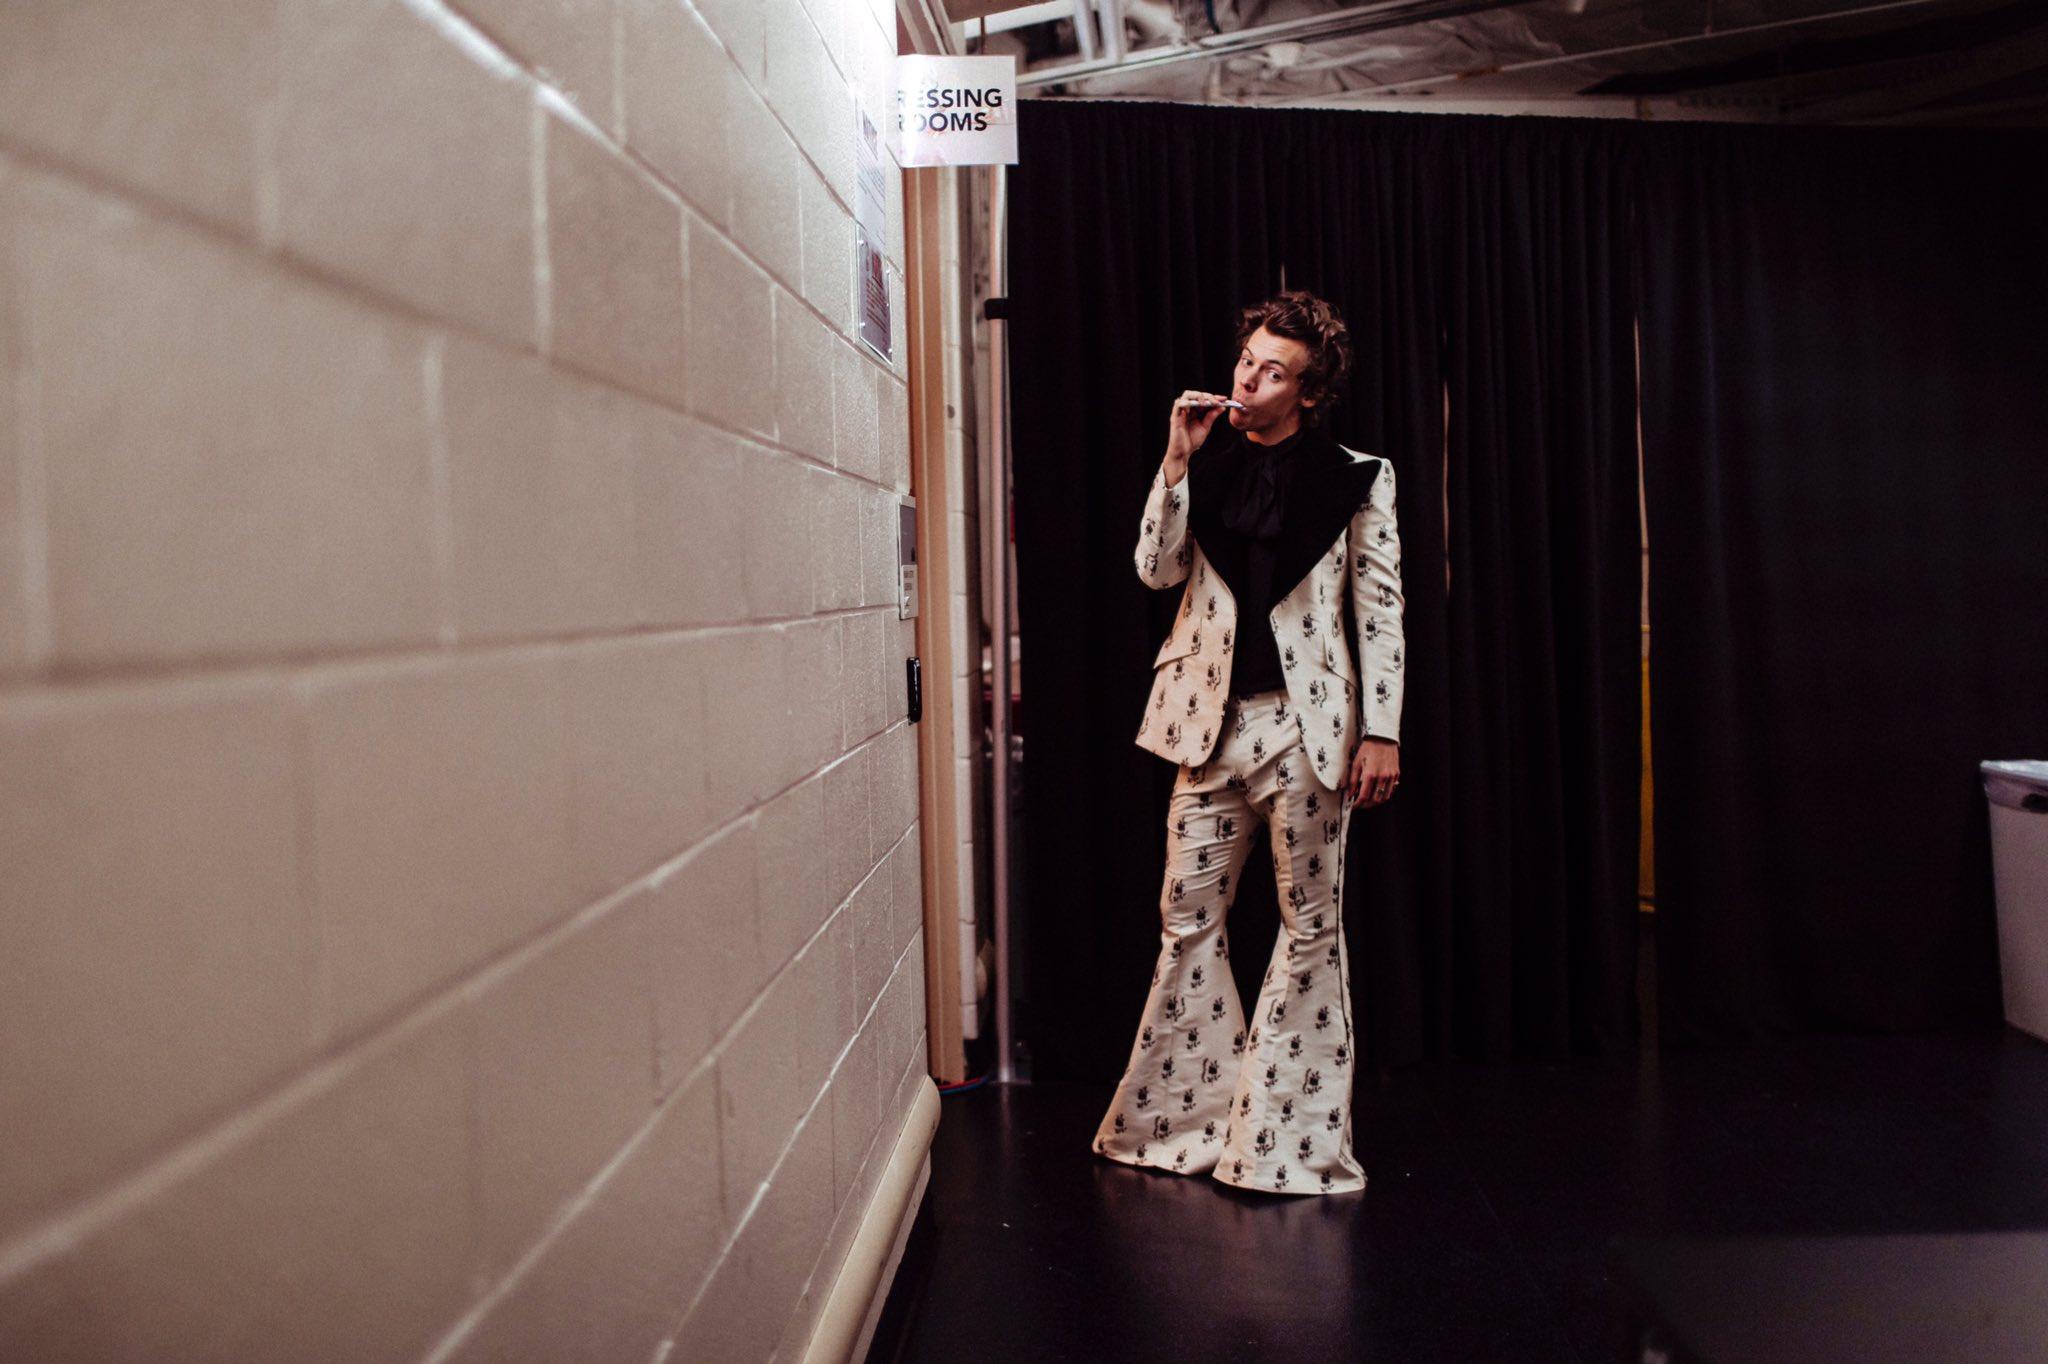 """Một bộ trang phục rất """"khó"""" với quần ống loe rộng, thế mà Harry Styles vẫn """"chinh phục"""" ngon lành."""